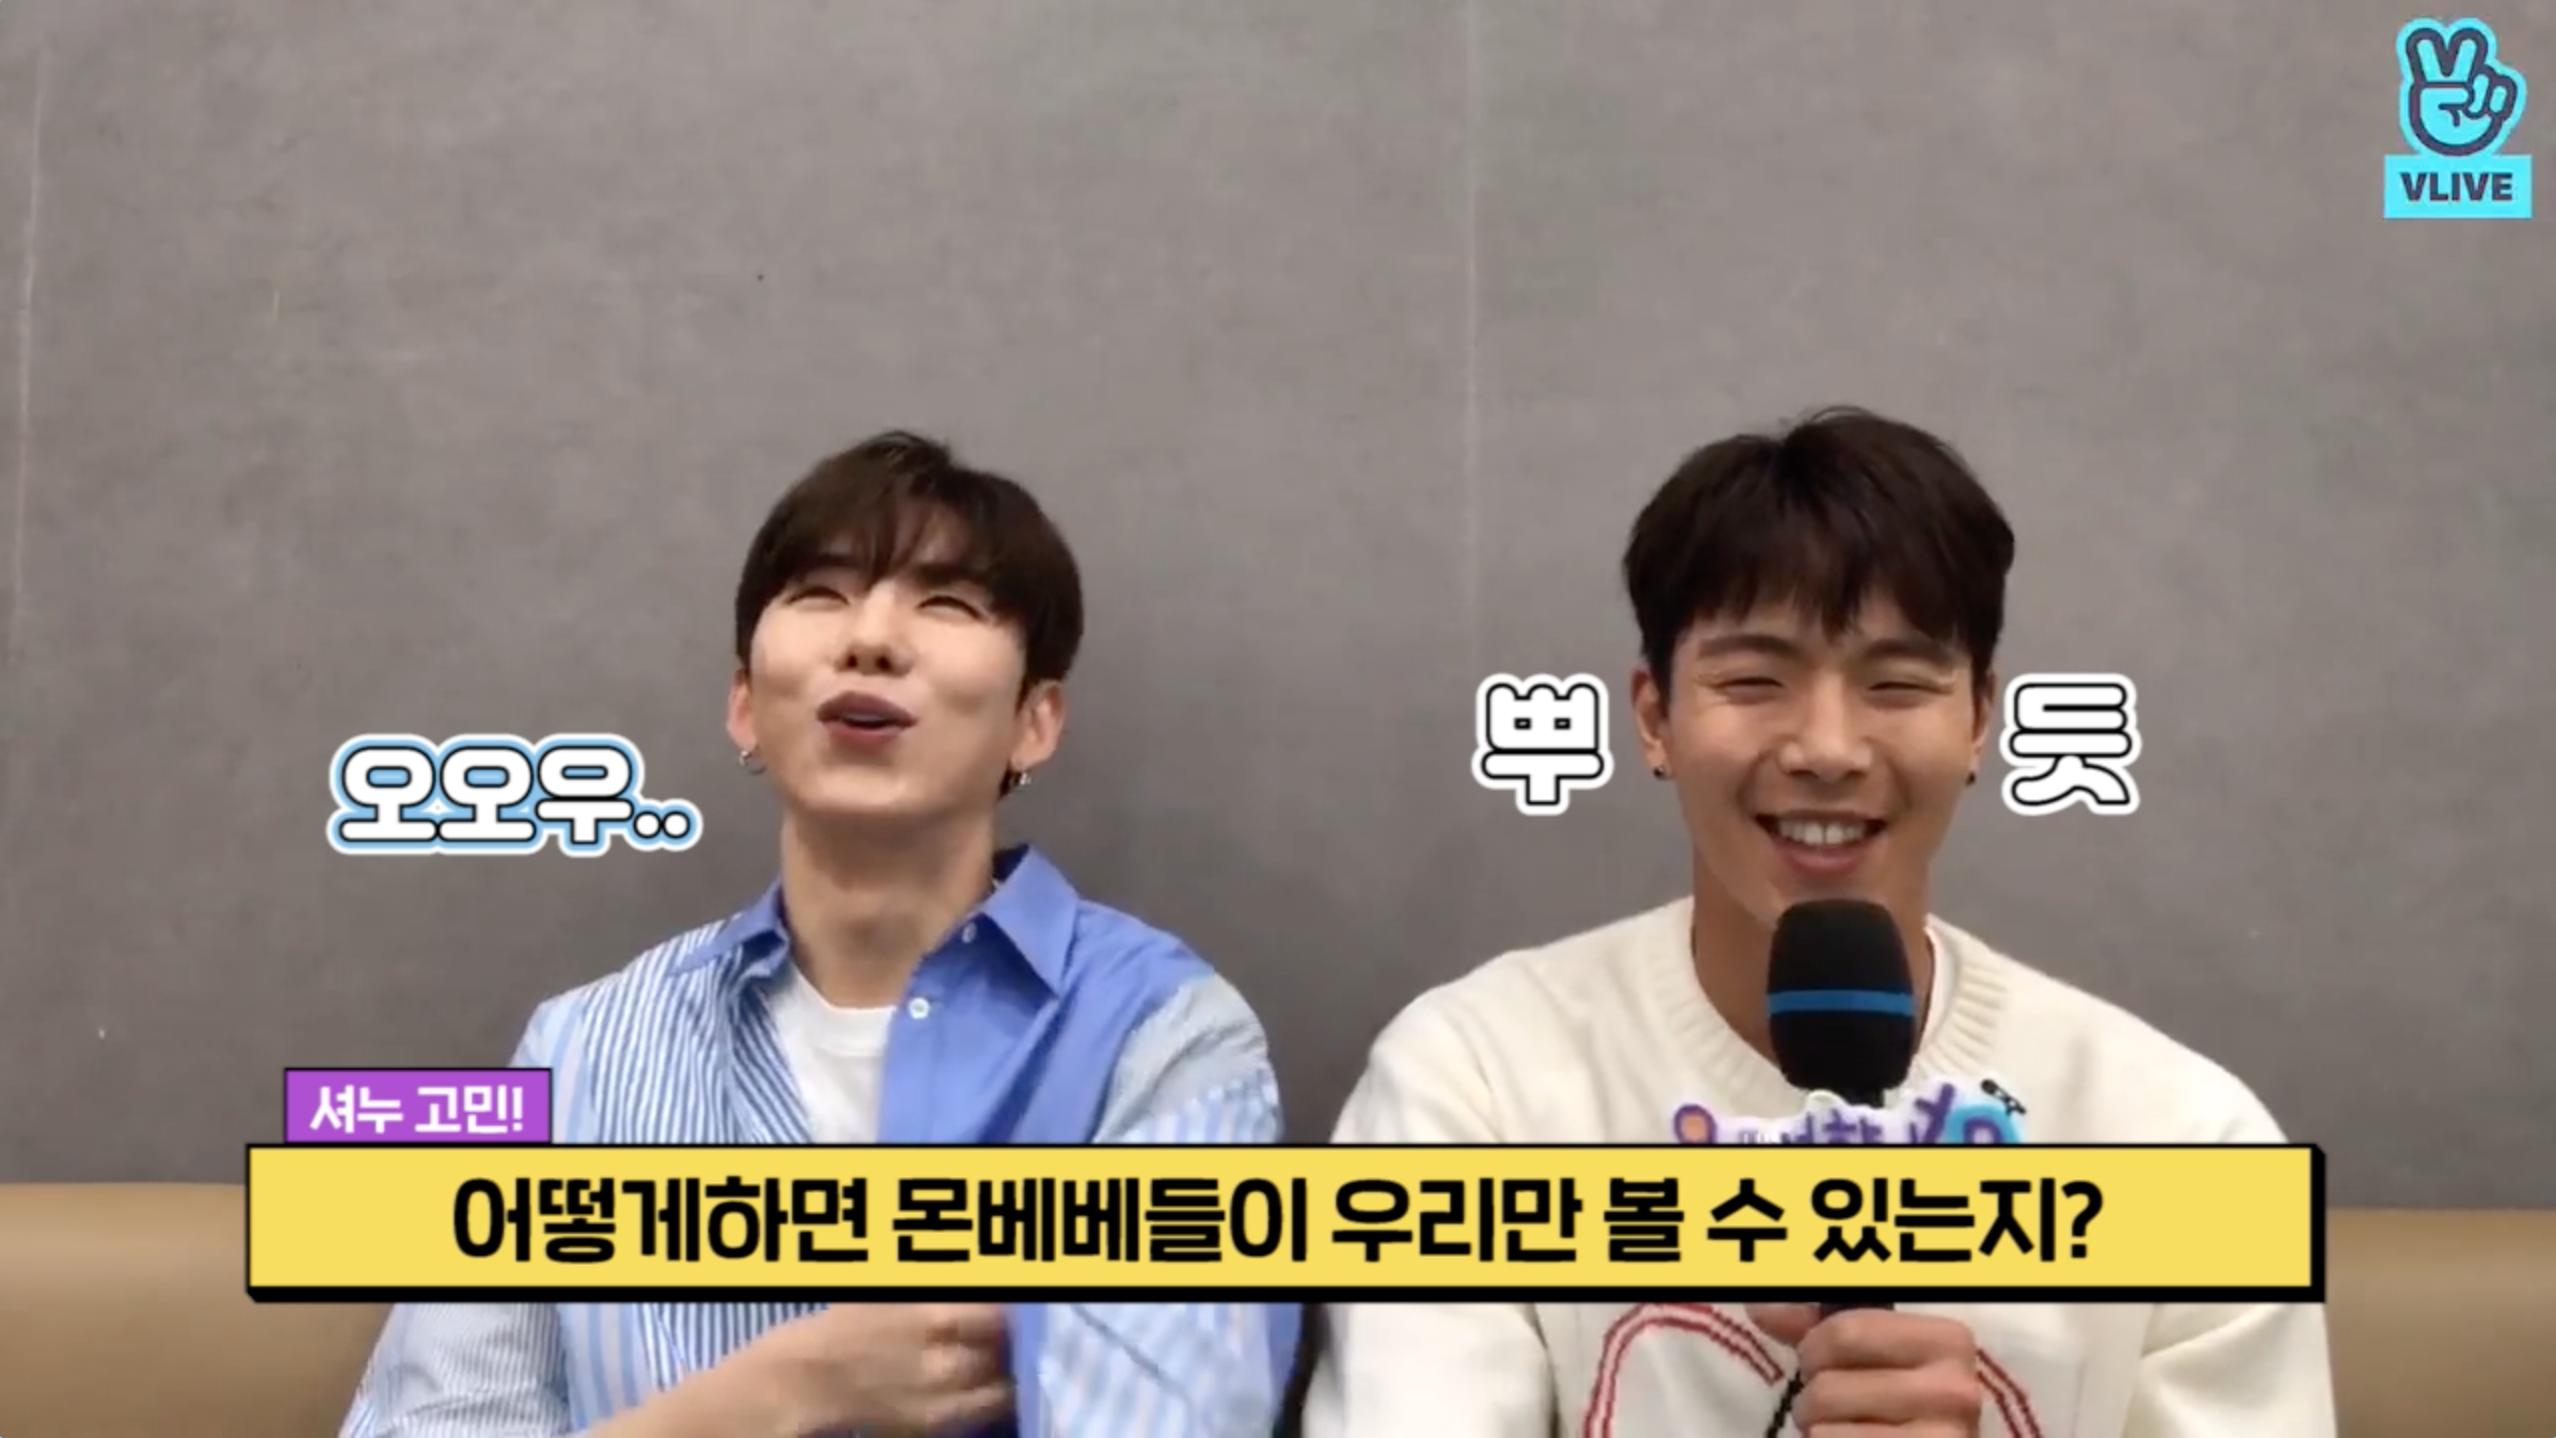 [MONSTA X] 너무 귀여워서 천년의 고민이 저절로 해결되는 🐻🐹(Shownu&Kihyun's counseling)